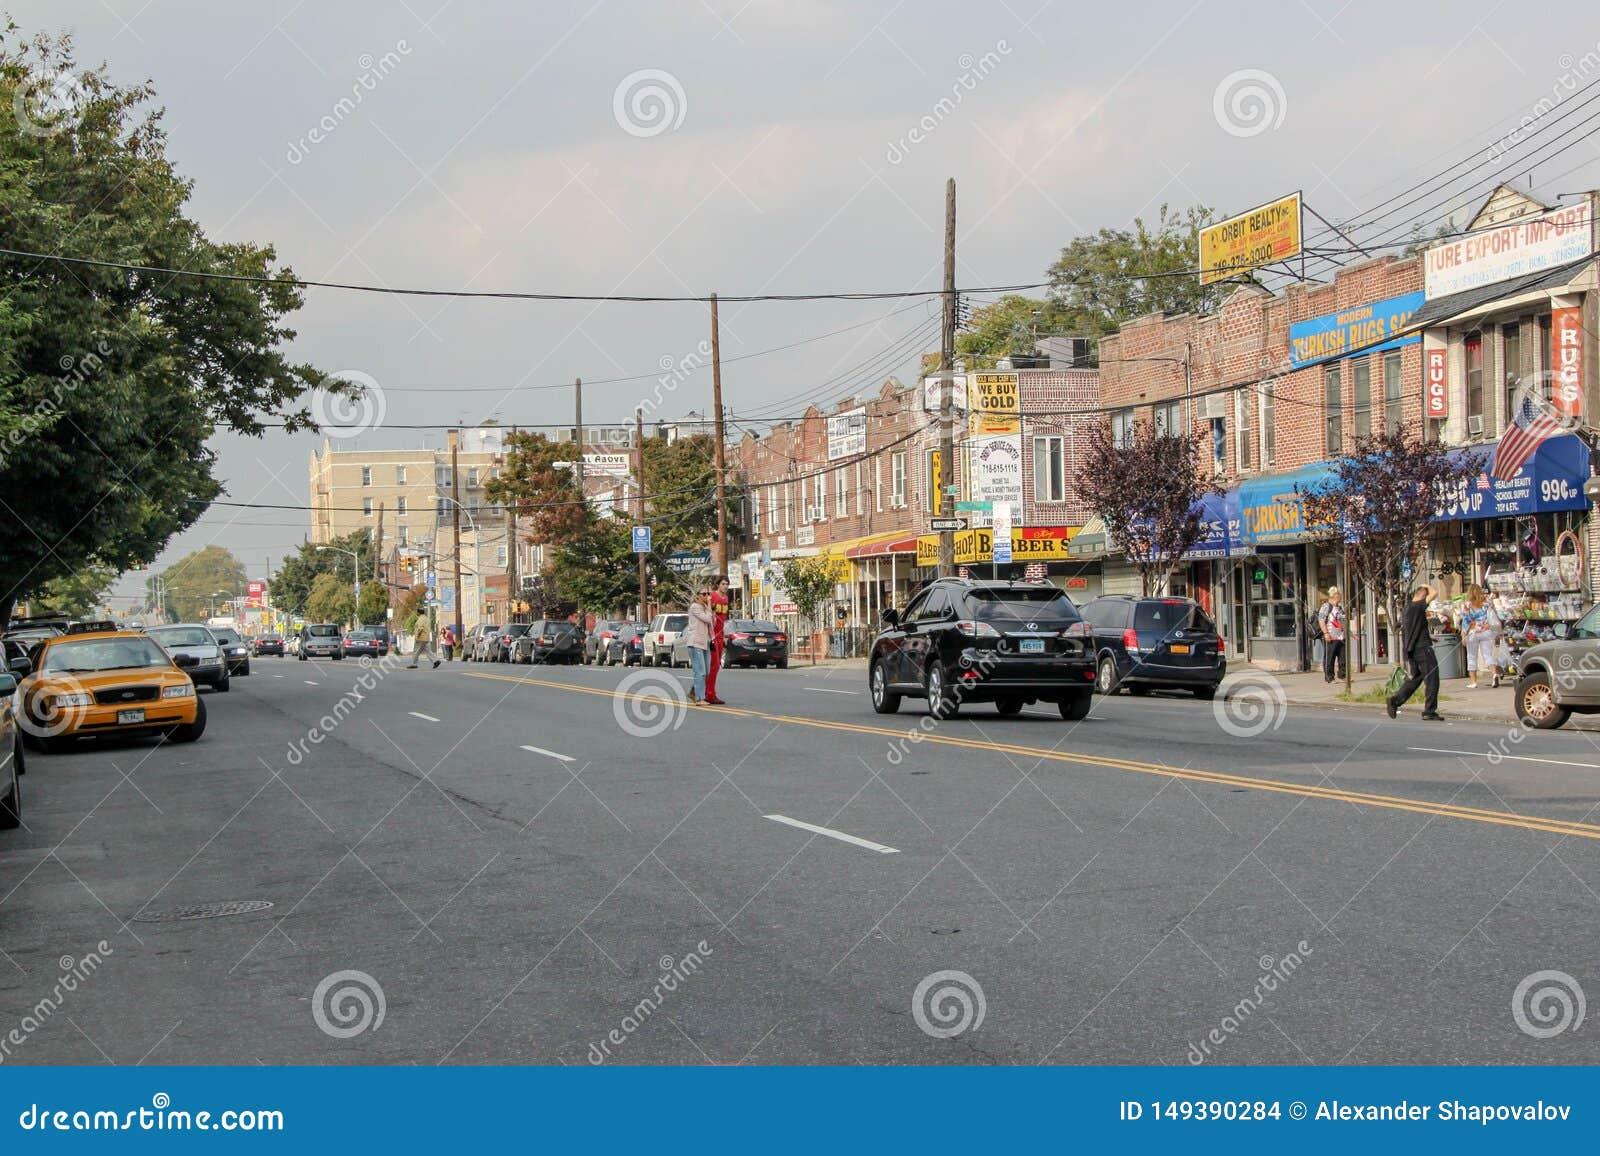 Mooie mening van straat in Brighton Beach-buurt Autoverkeer en mensenconcept New York De V.S.